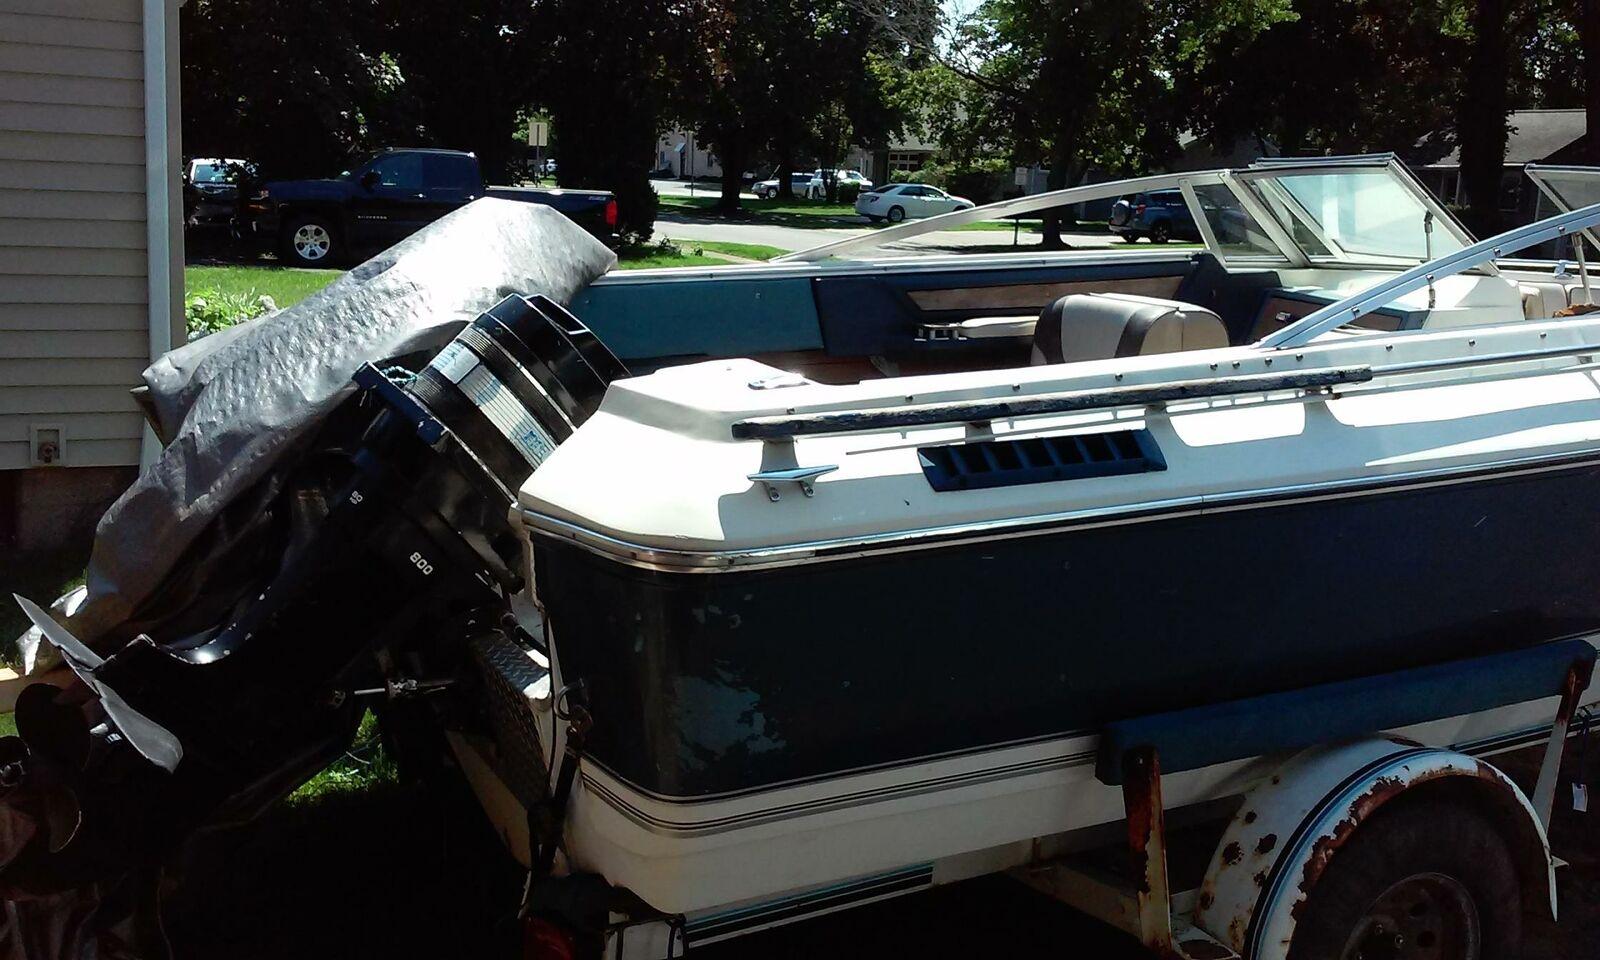 ::1979 CRESTLINER BOAT - TRAILER INCLUDED